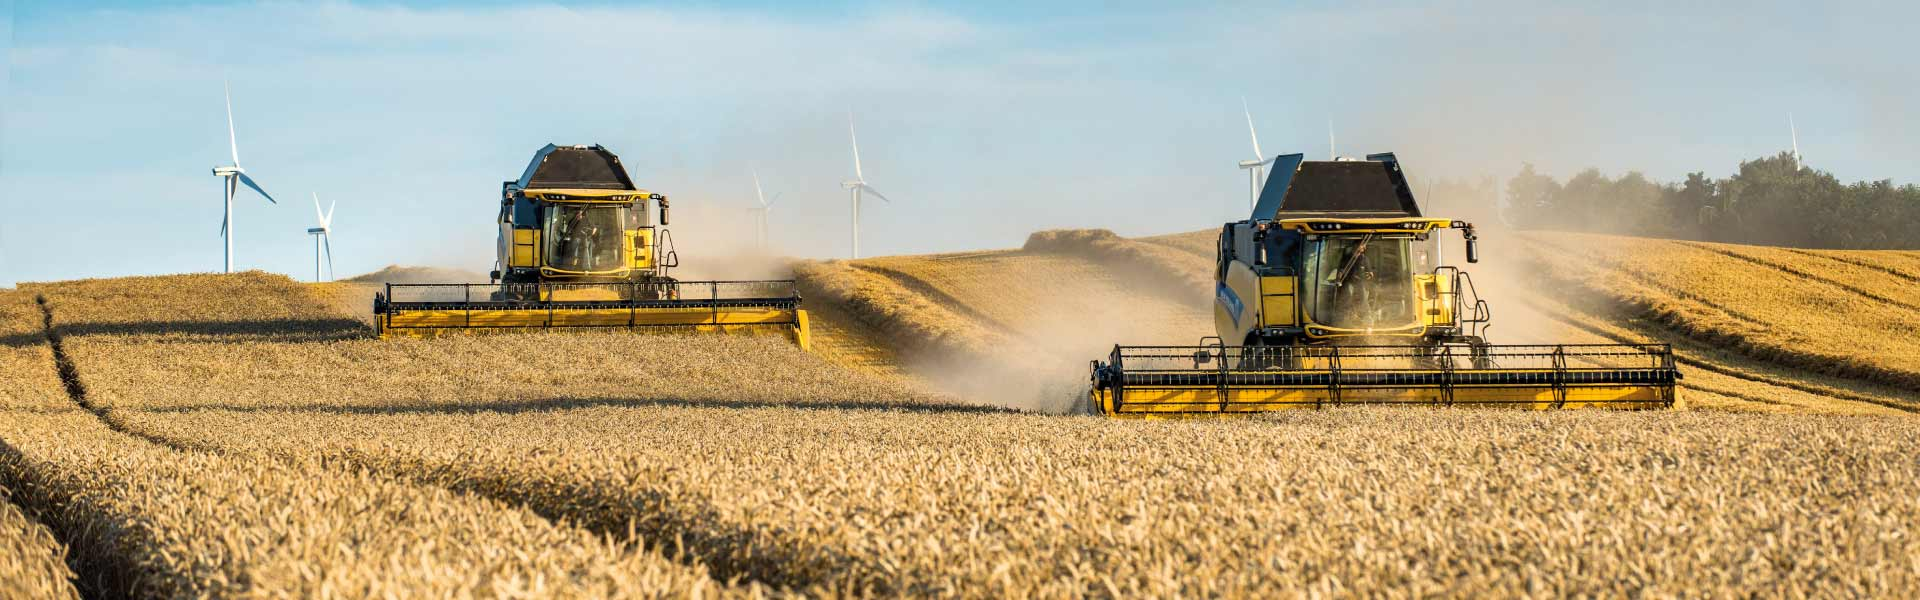 Mezőgazdasági gépalkatrészek